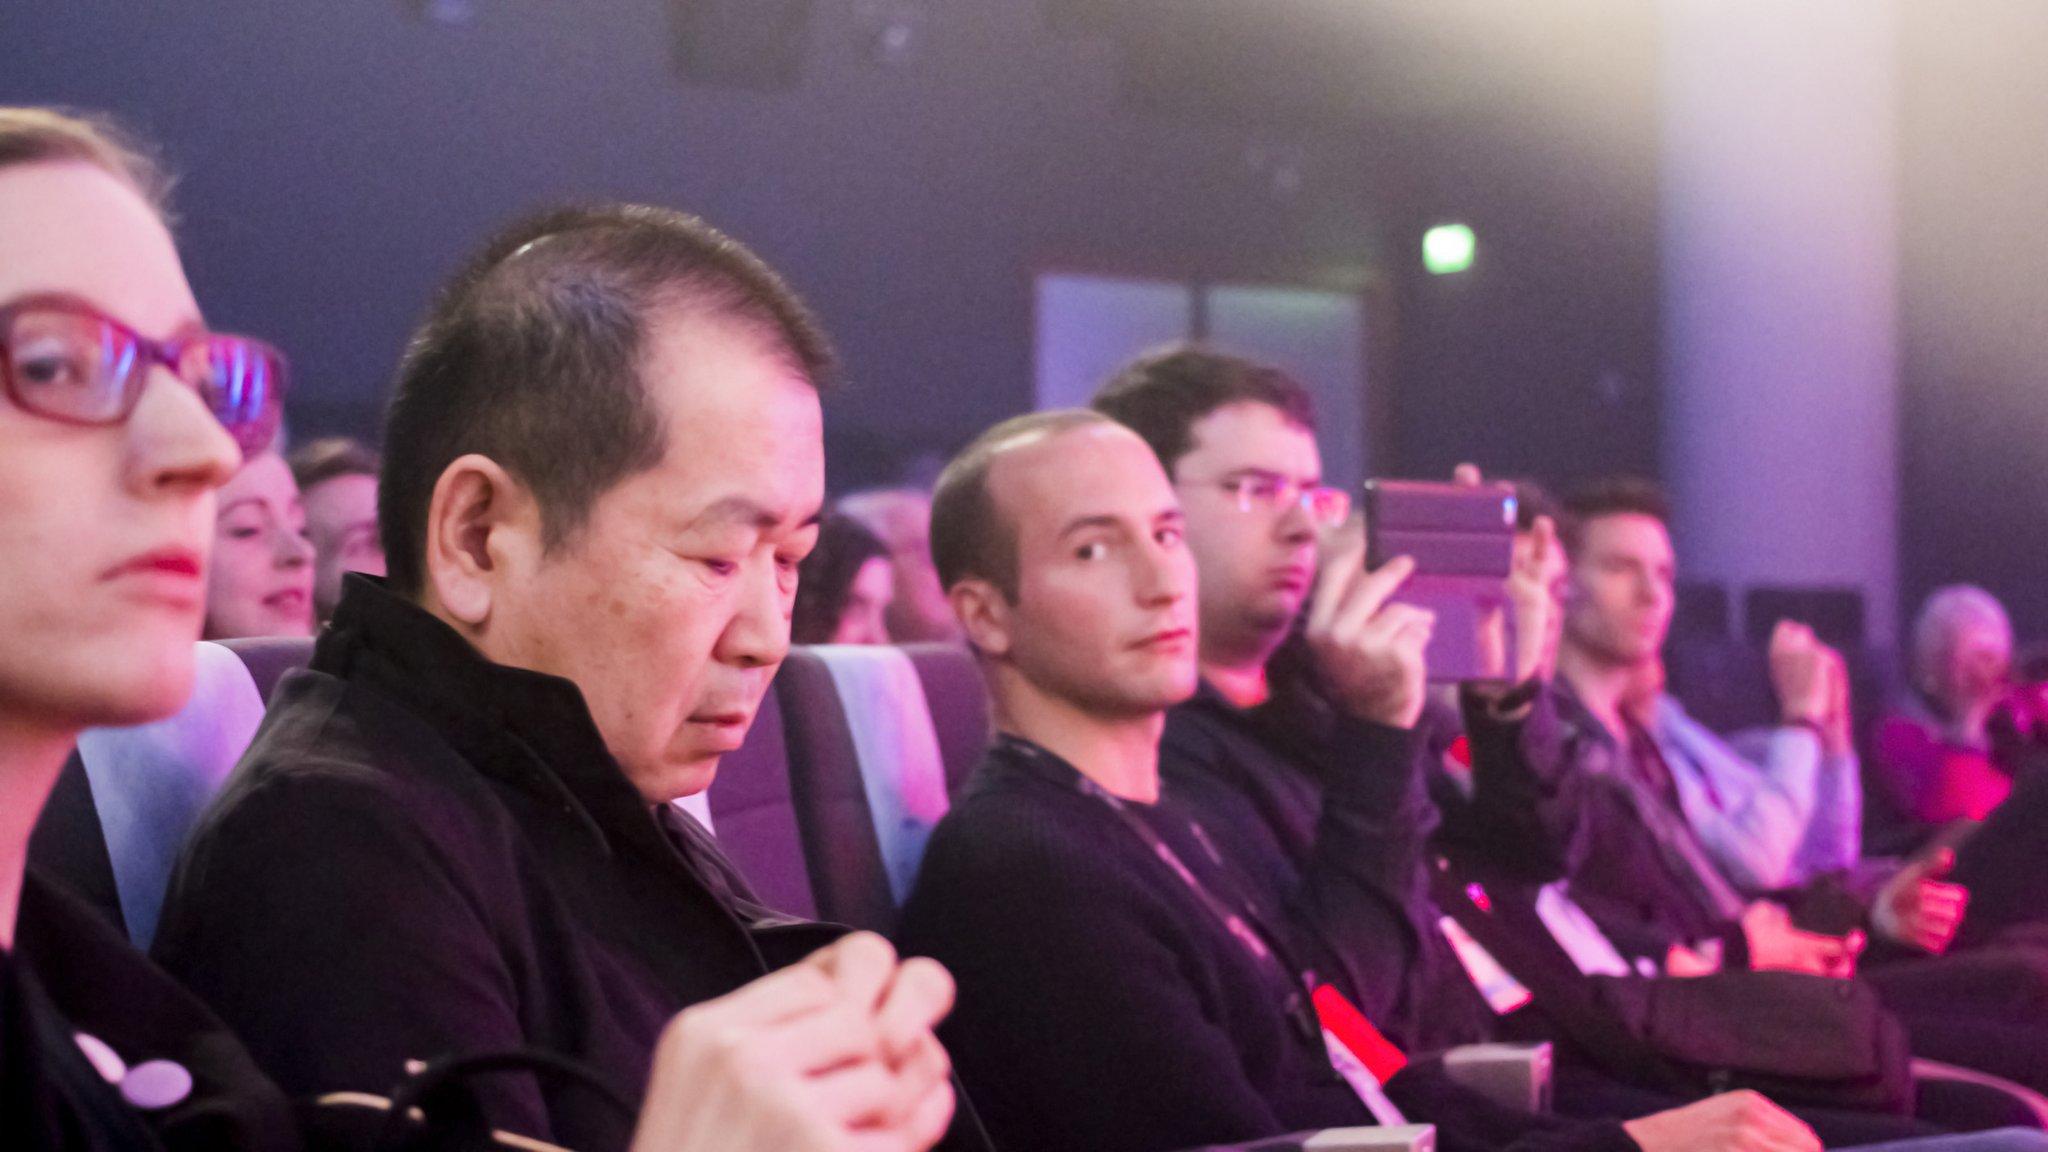 SHENMUEMASTER Ras Guillaume B. Victor Ilducci Shibuya Crazy Time SEGASATURNO STAFF yu suzuki monaco MAGIC 2018